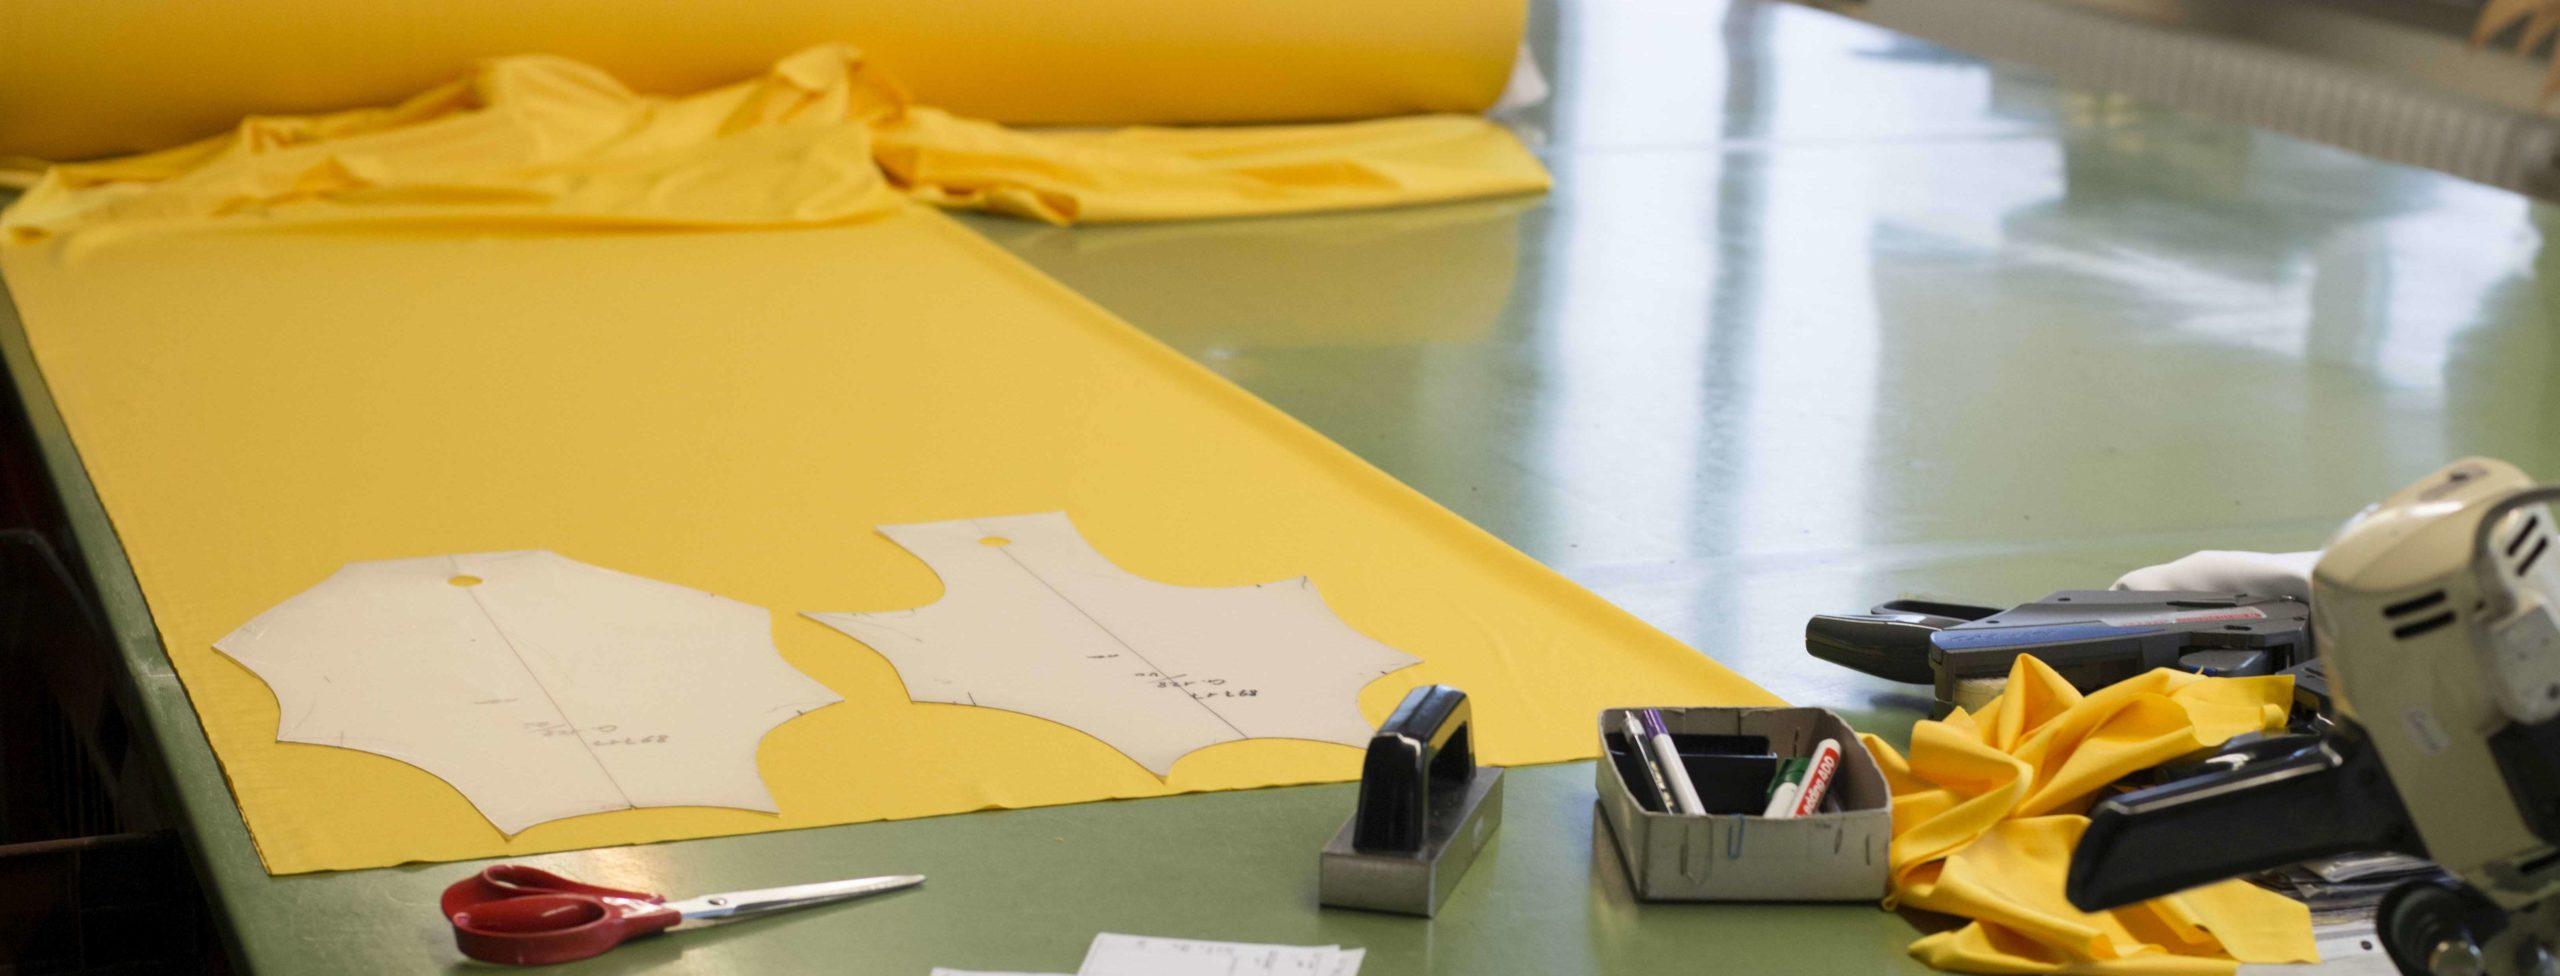 zeitlich unbegrenzte Nachbestellbarkeit aller Produkte beim deutschen Hersteller ERVY